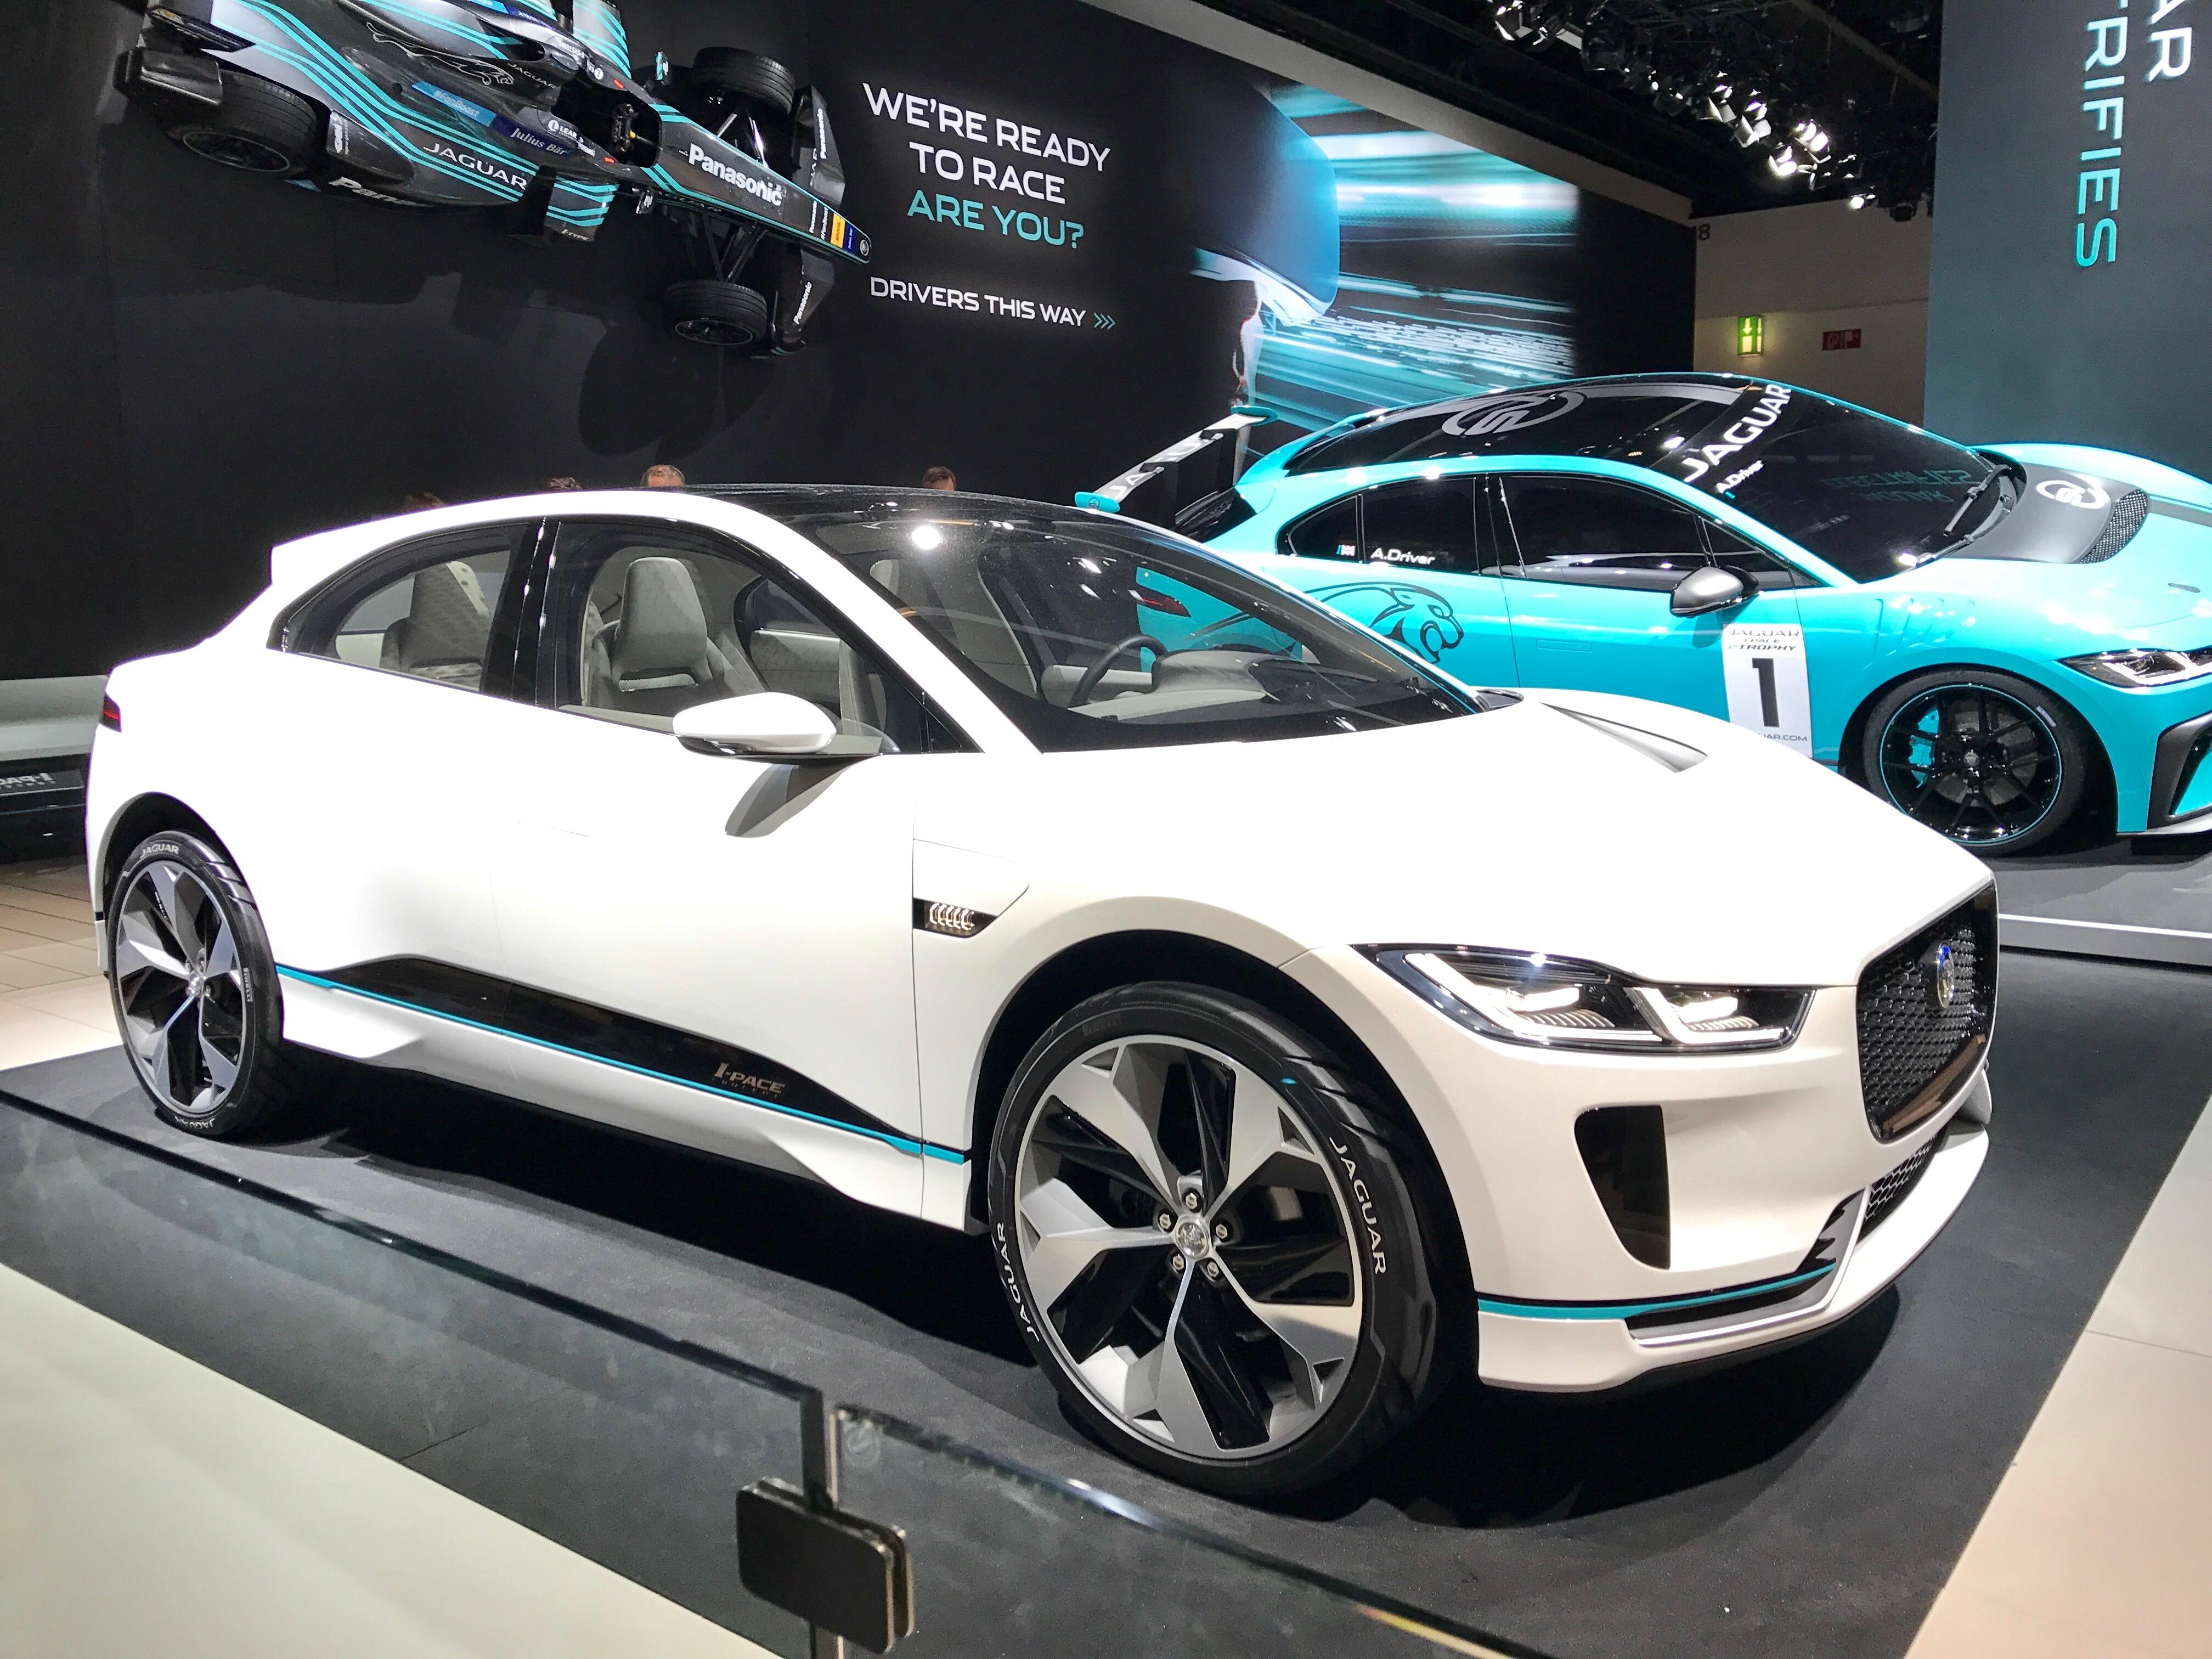 Jaguar I-PACE oli esillä Frankfurtin IAA2017 messuilla